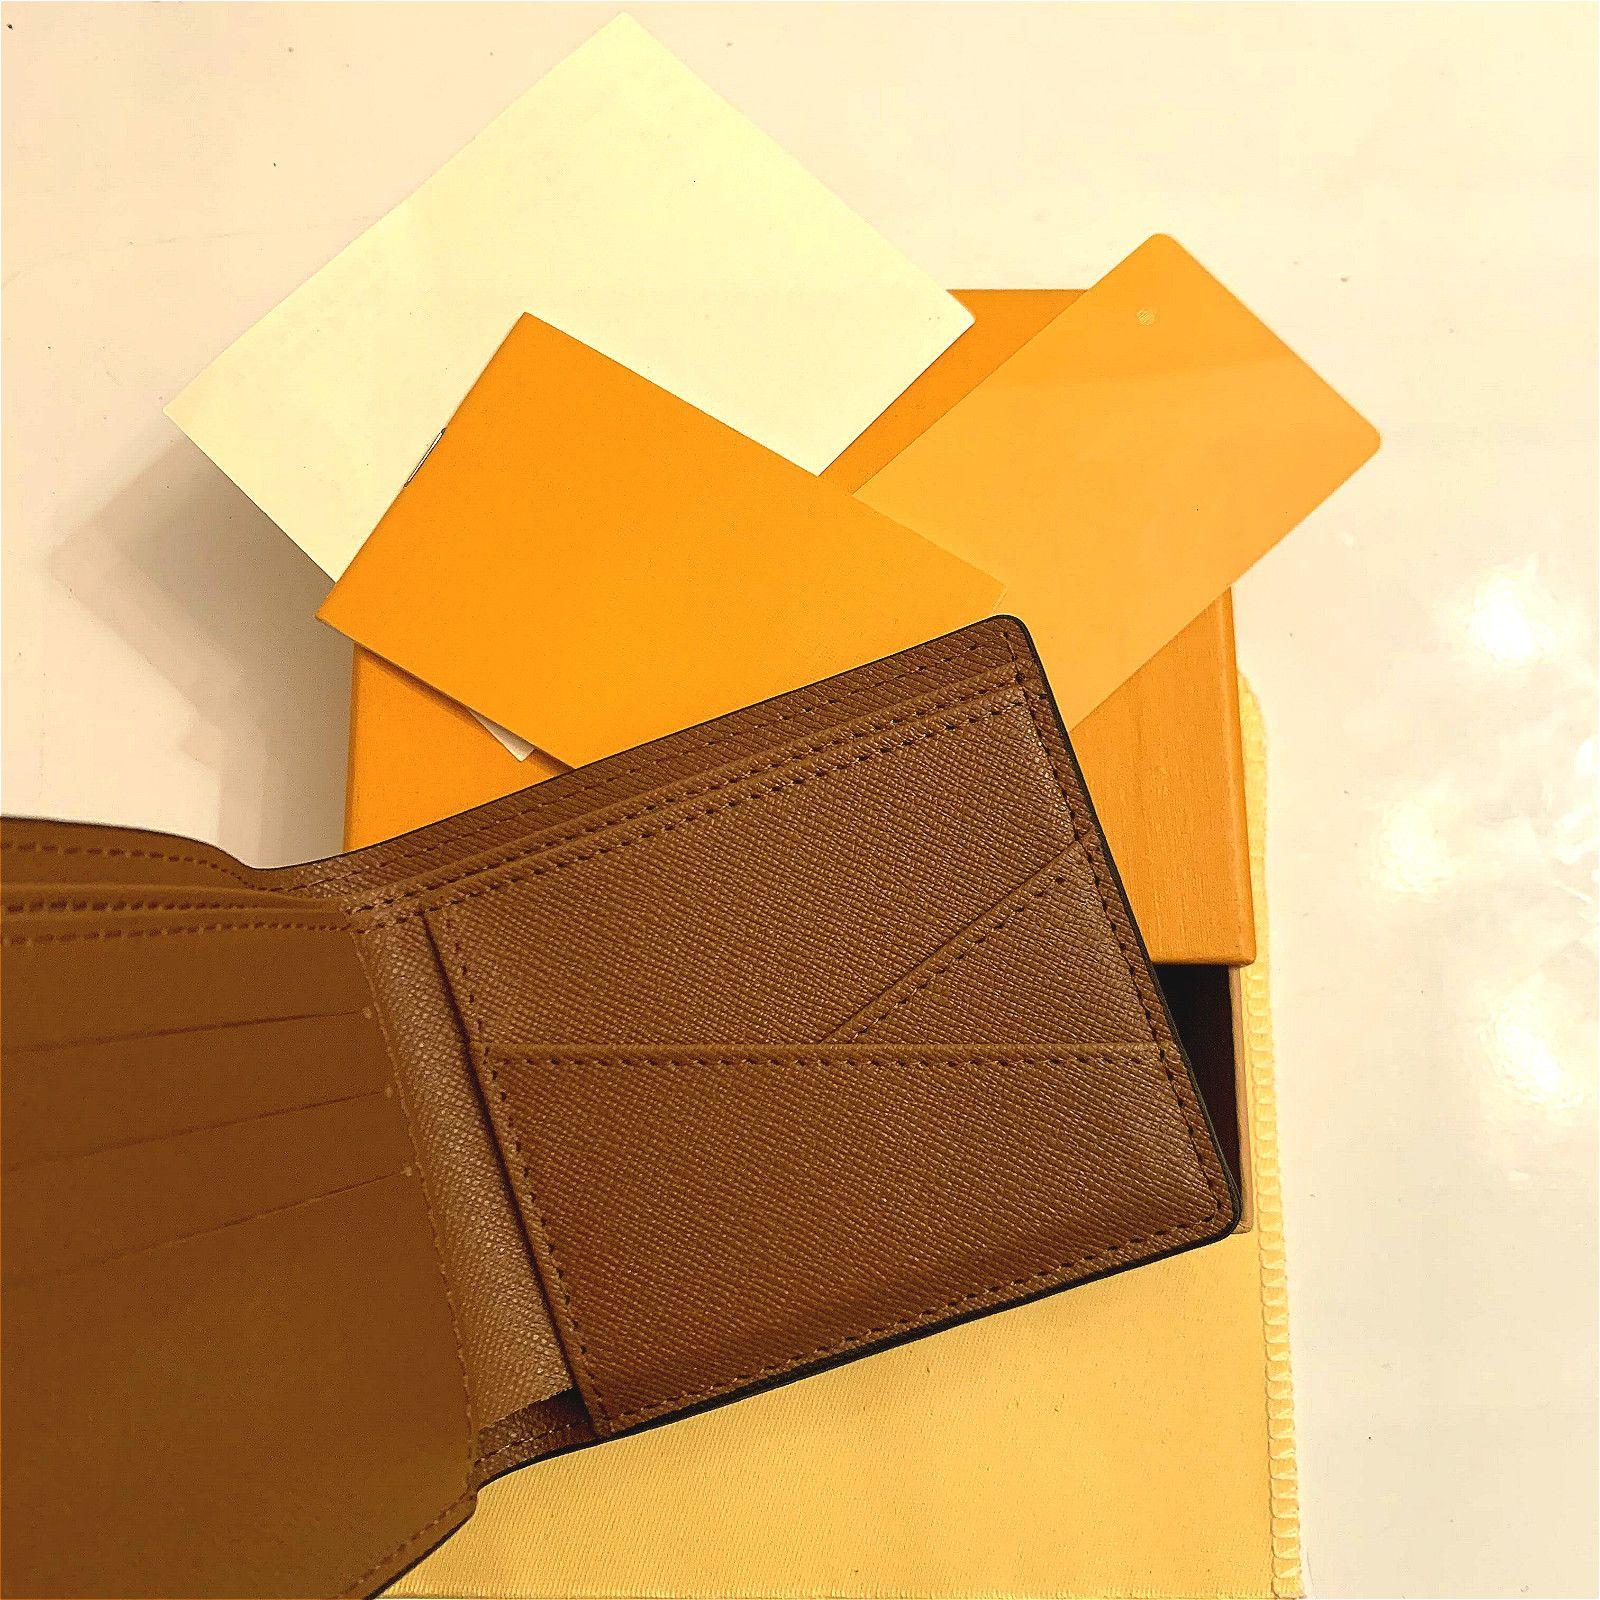 M60895 Designer de Luxo Masculino Curto Compacto Múltiplo Carteira Mono Gram Cancher Receipta Marca Bifold Wallet Frete Grátis de boa qualidade